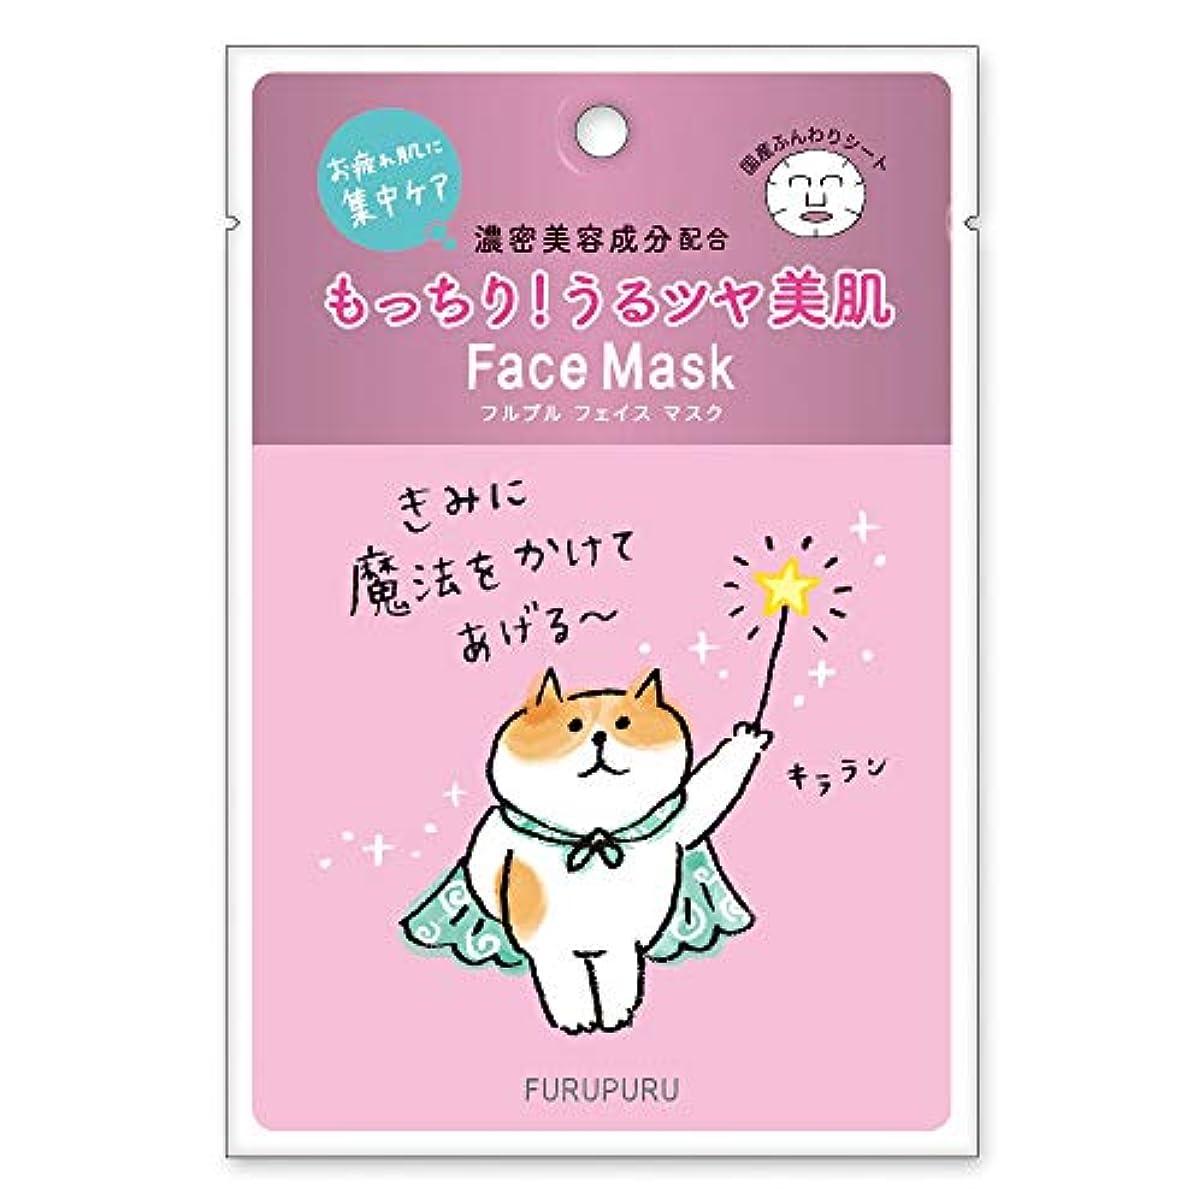 球体サイクル仕事に行くフルプルクリーム フルプルフェイスマスク ごろごろにゃんすけ 魔法 やさしく香る天然ローズの香り 30g